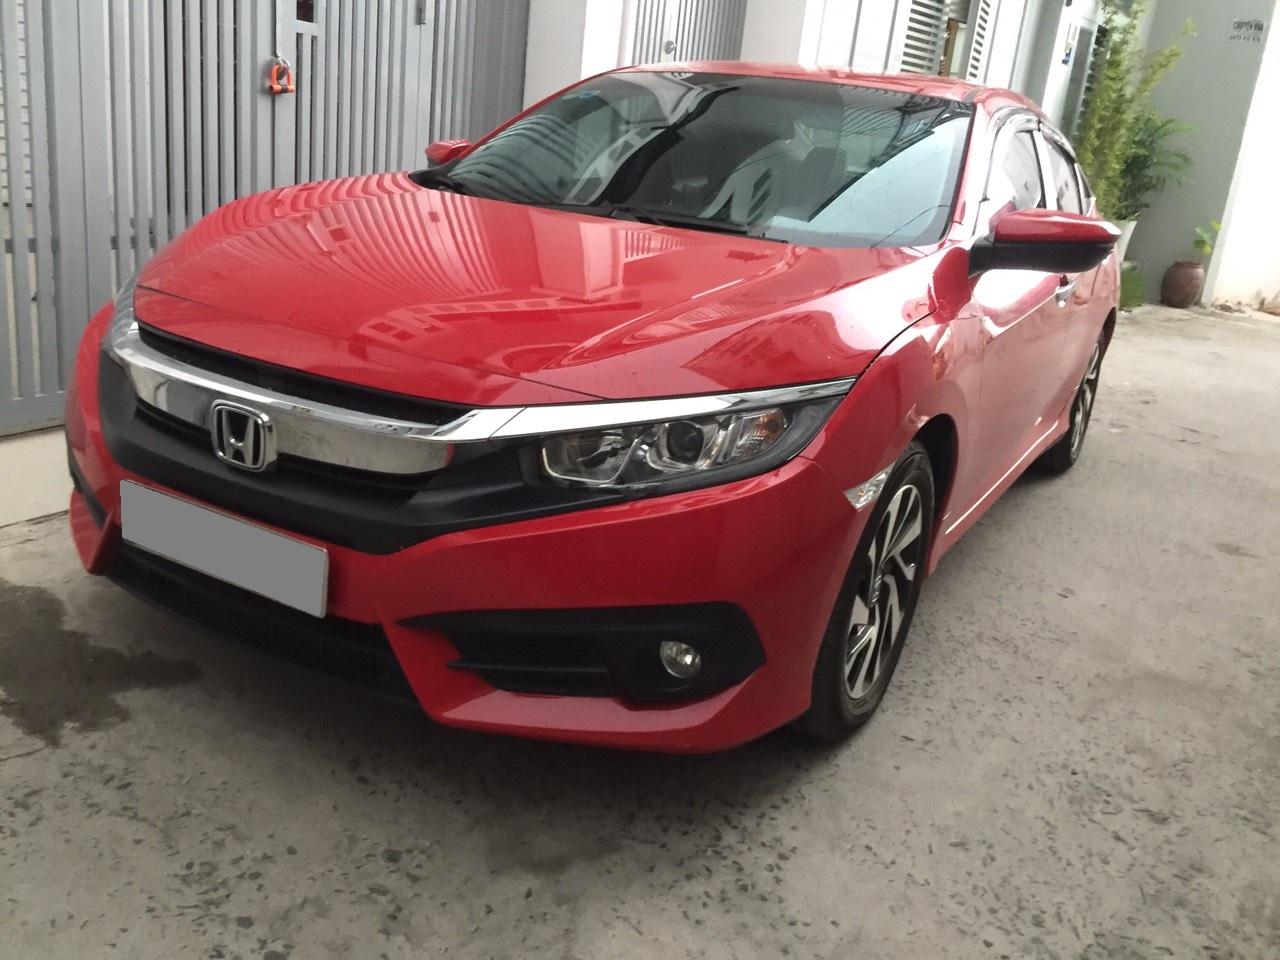 Bán Honda Civic 2018 tự động bảng 1.8 màu đỏ